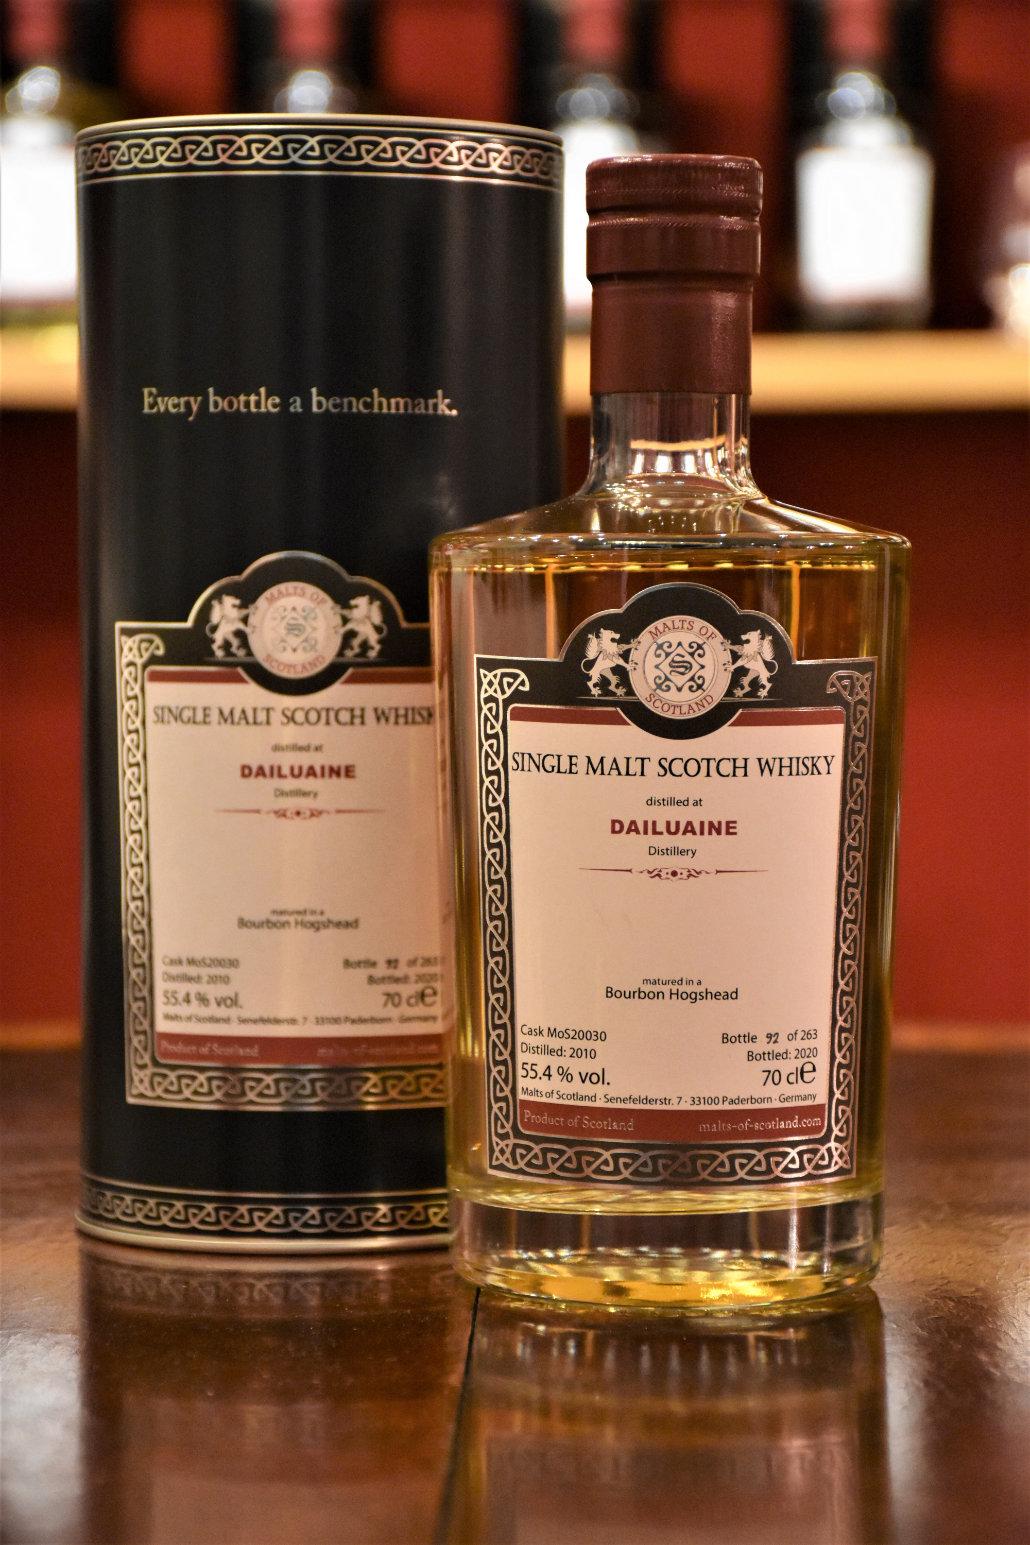 Dailuaine 2010 - Bourbon Hogshead, Cask No. MoS20030, 55,4% Alc.Vol., Malts of Scotland